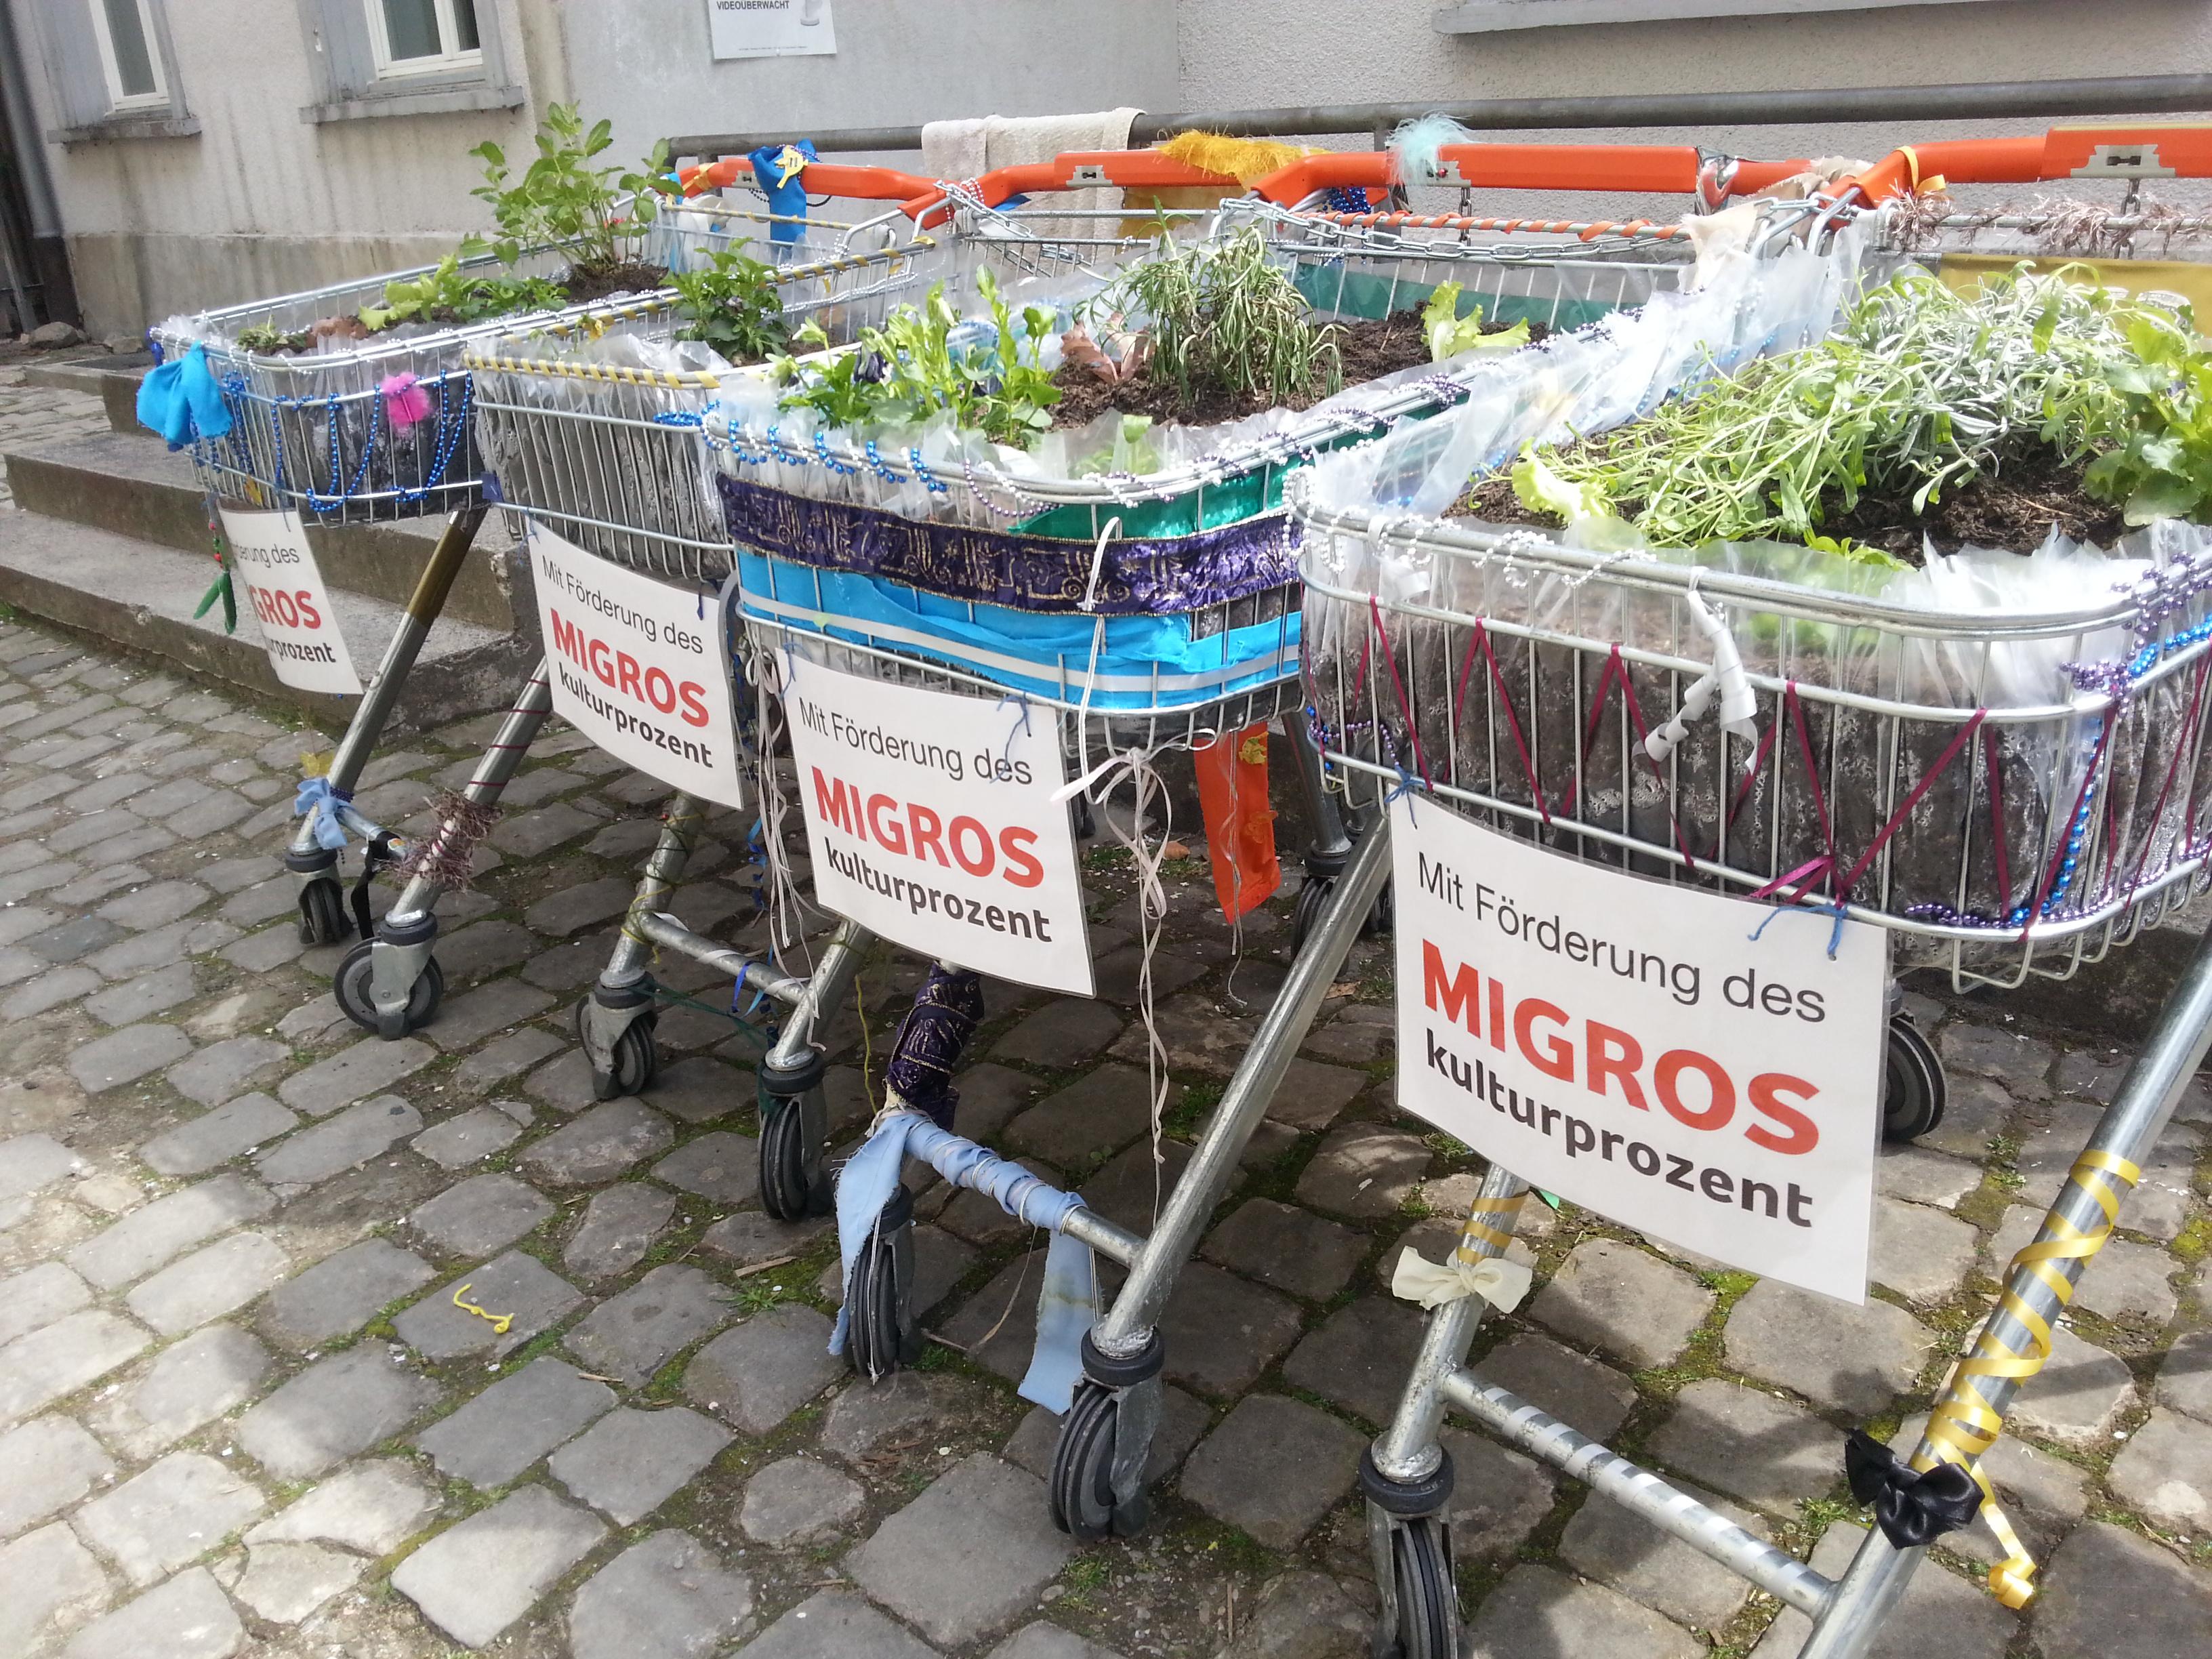 Leserbrief: Gärtnern in der Stadt